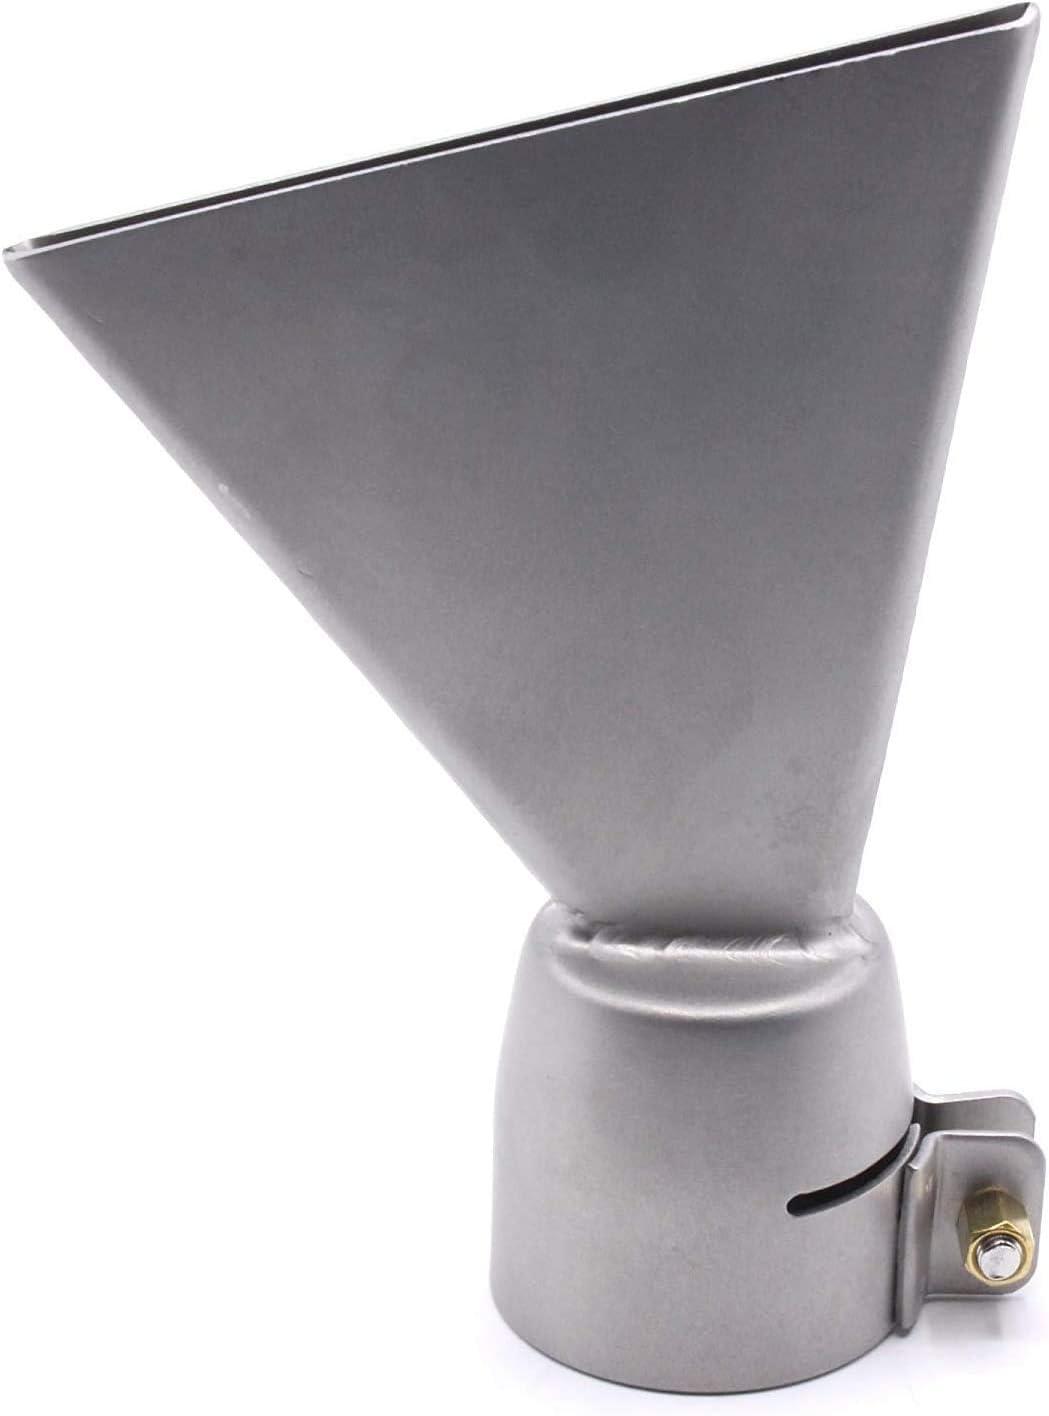 ST HOBBYPOWER24 Buse professionnelle en acier inoxydable pour souffleur /à air chaud Fer /à air chaud Forsthoff Pierre Sivert Leister Triac S AT Angle buse ronde buse plate large buse de toit 60 mm